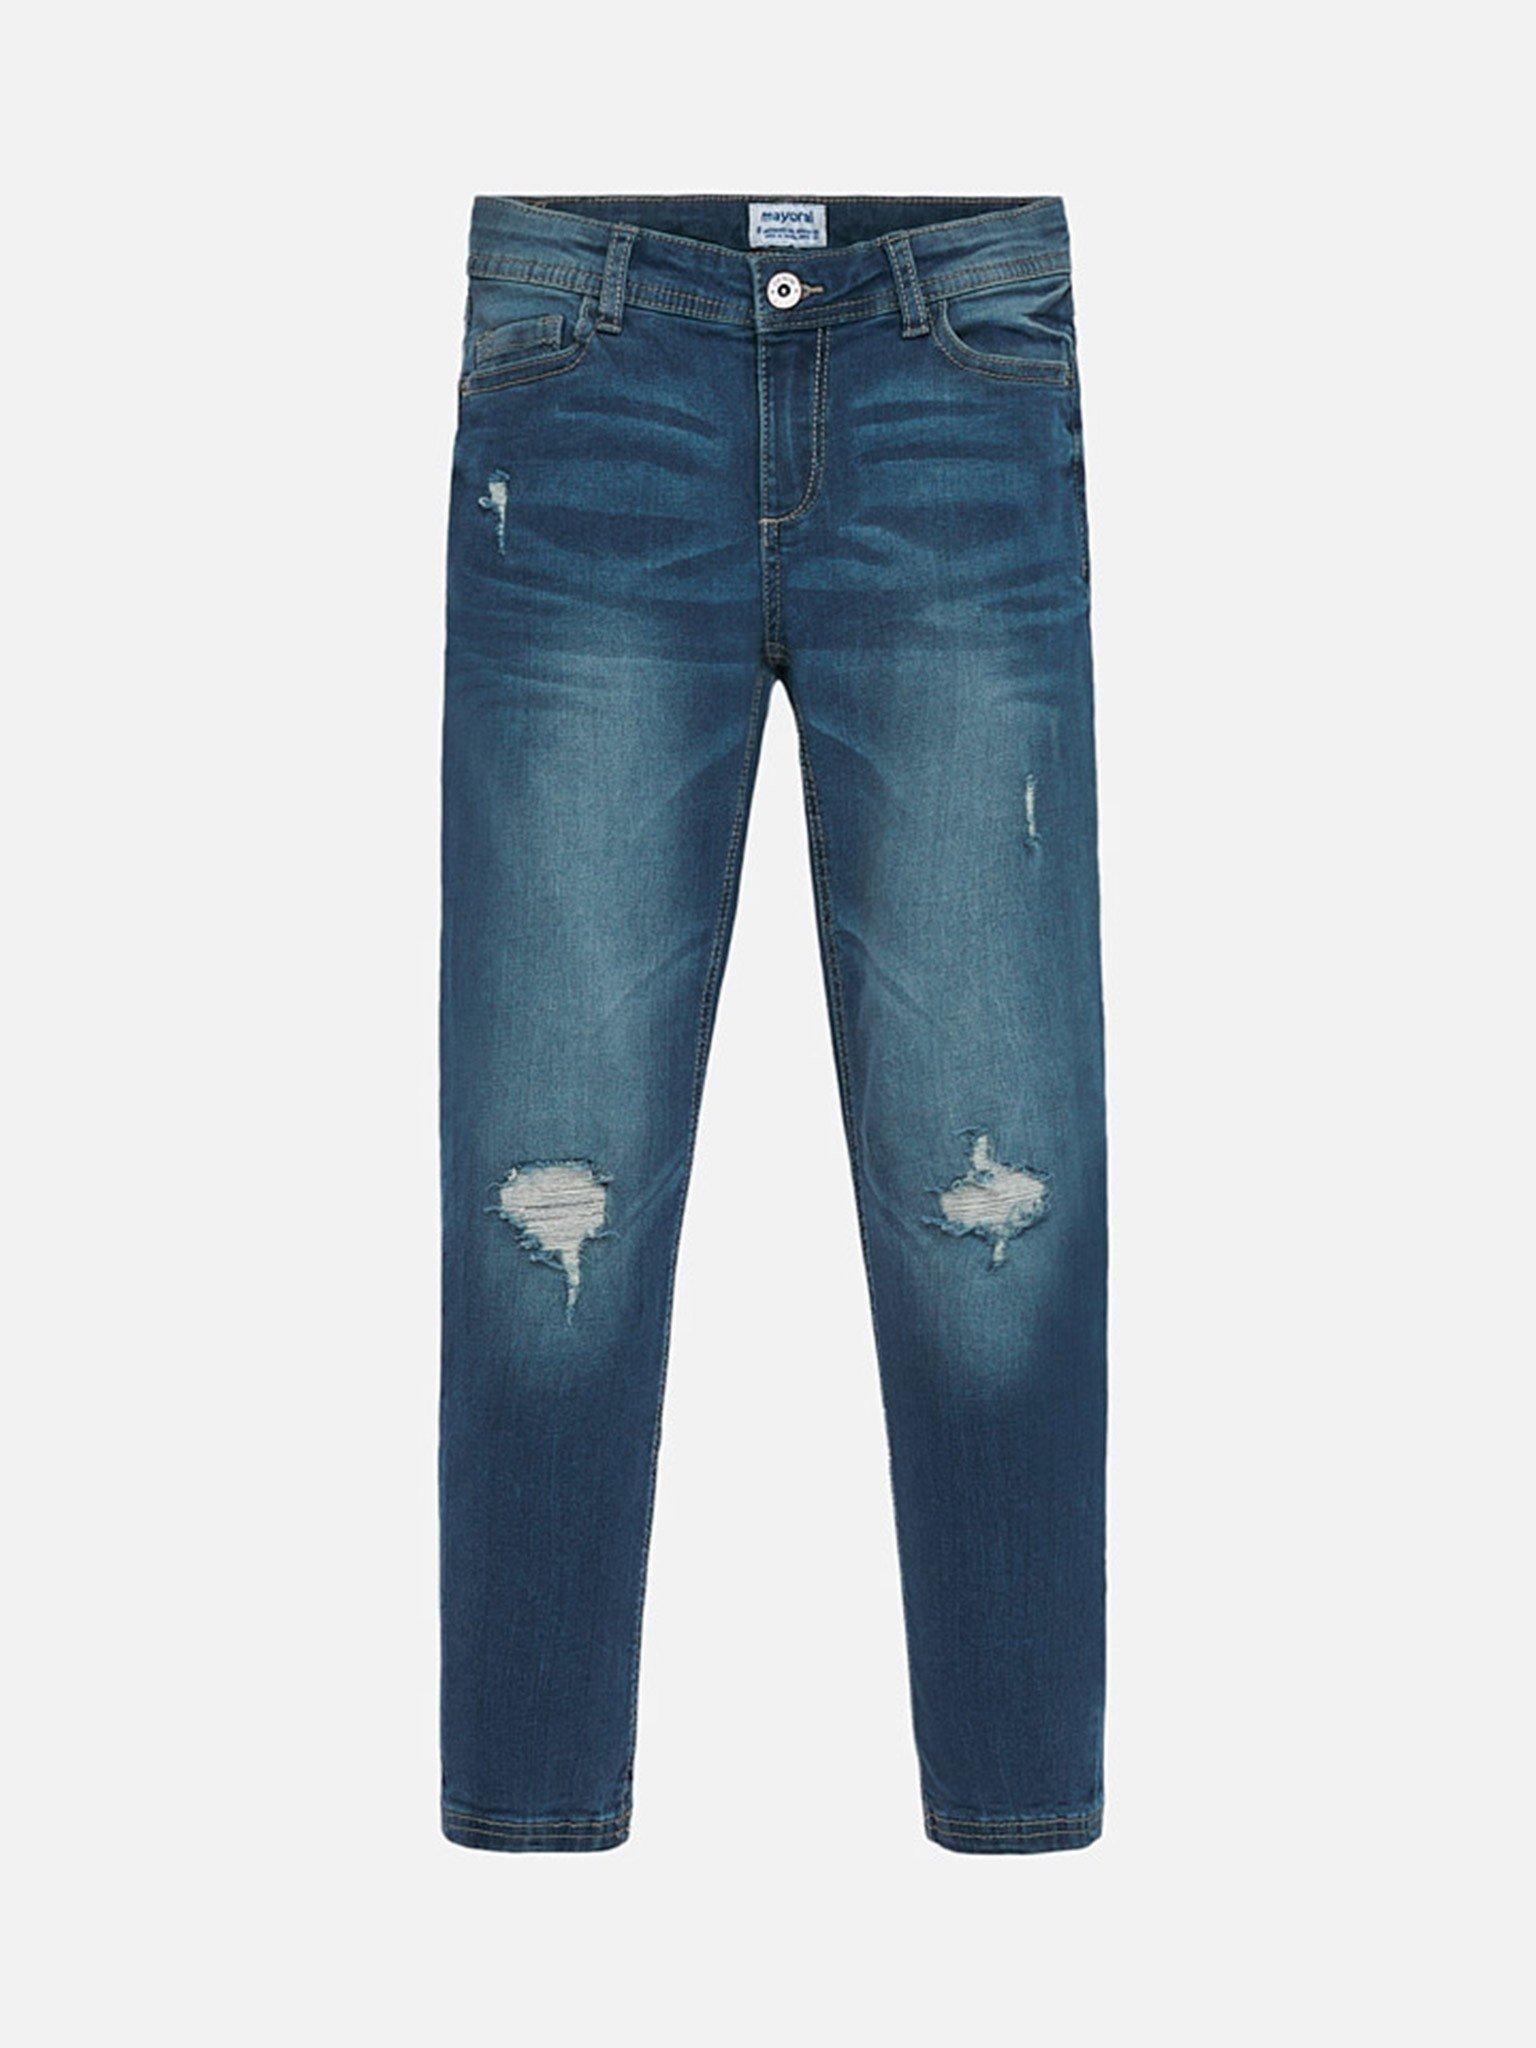 Quần jean màu xanh mài rách chỉ vàng - Mayoral